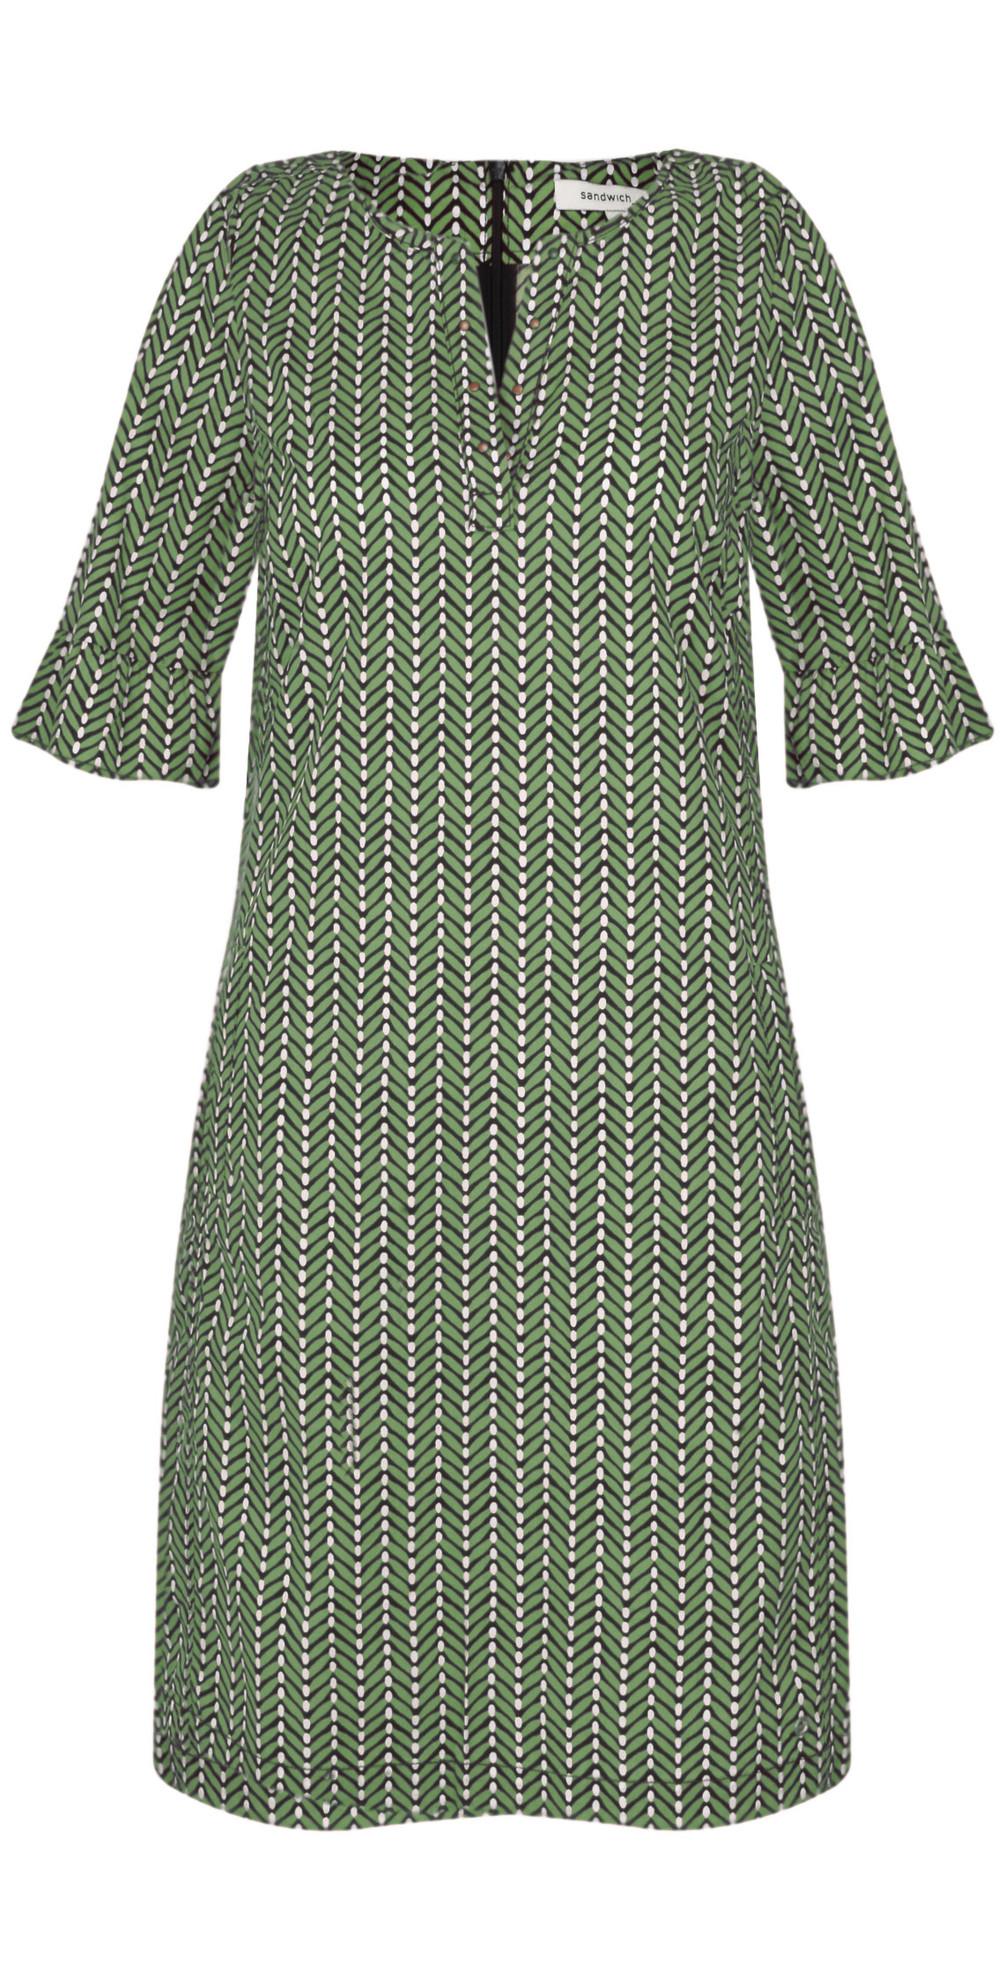 074090ae846a Sandwich Clothing Herringbone Woven Dress in Hedge Green